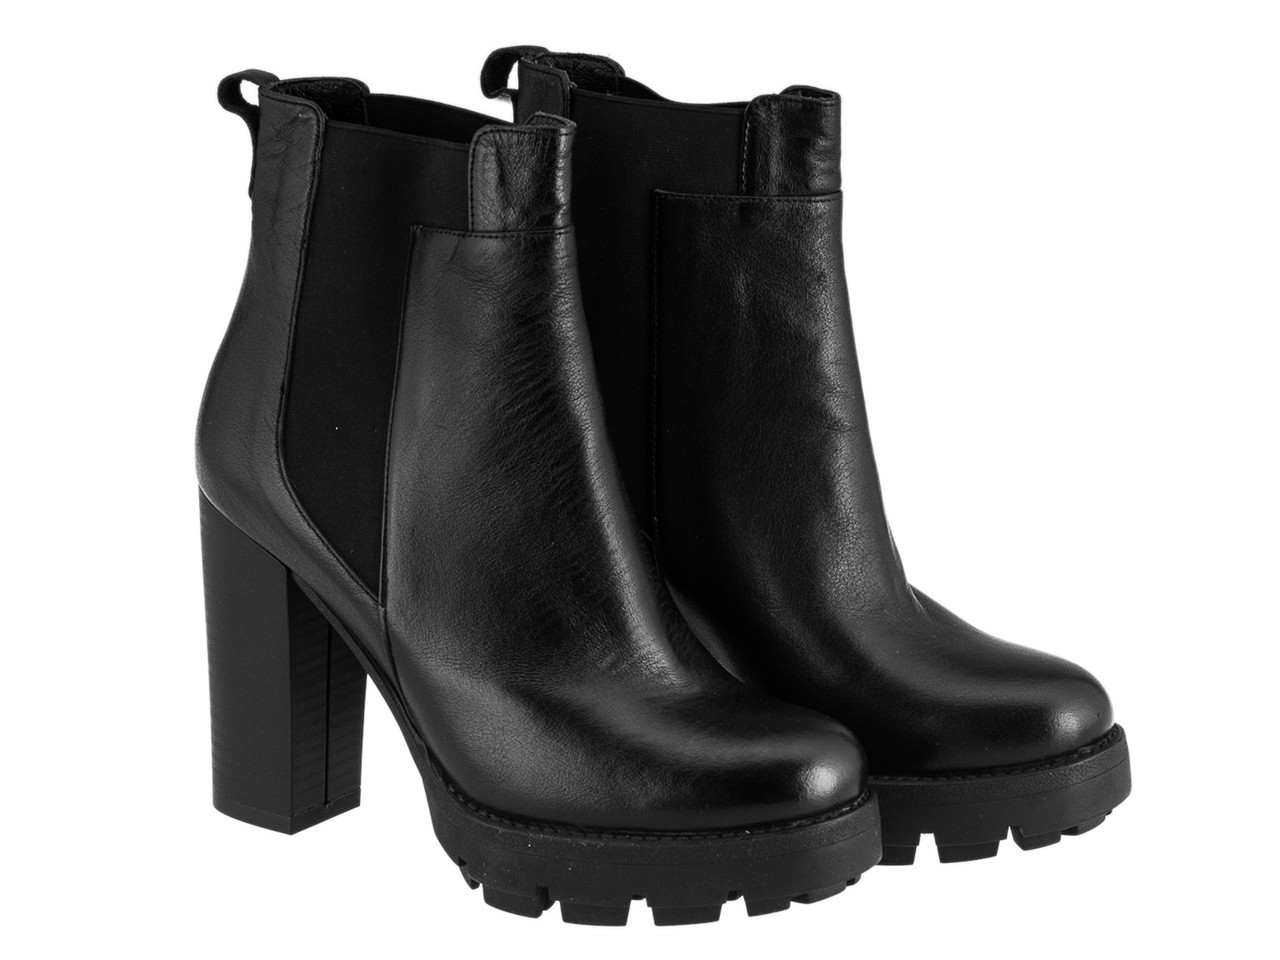 Ботинки Etor 5728-07295 черные